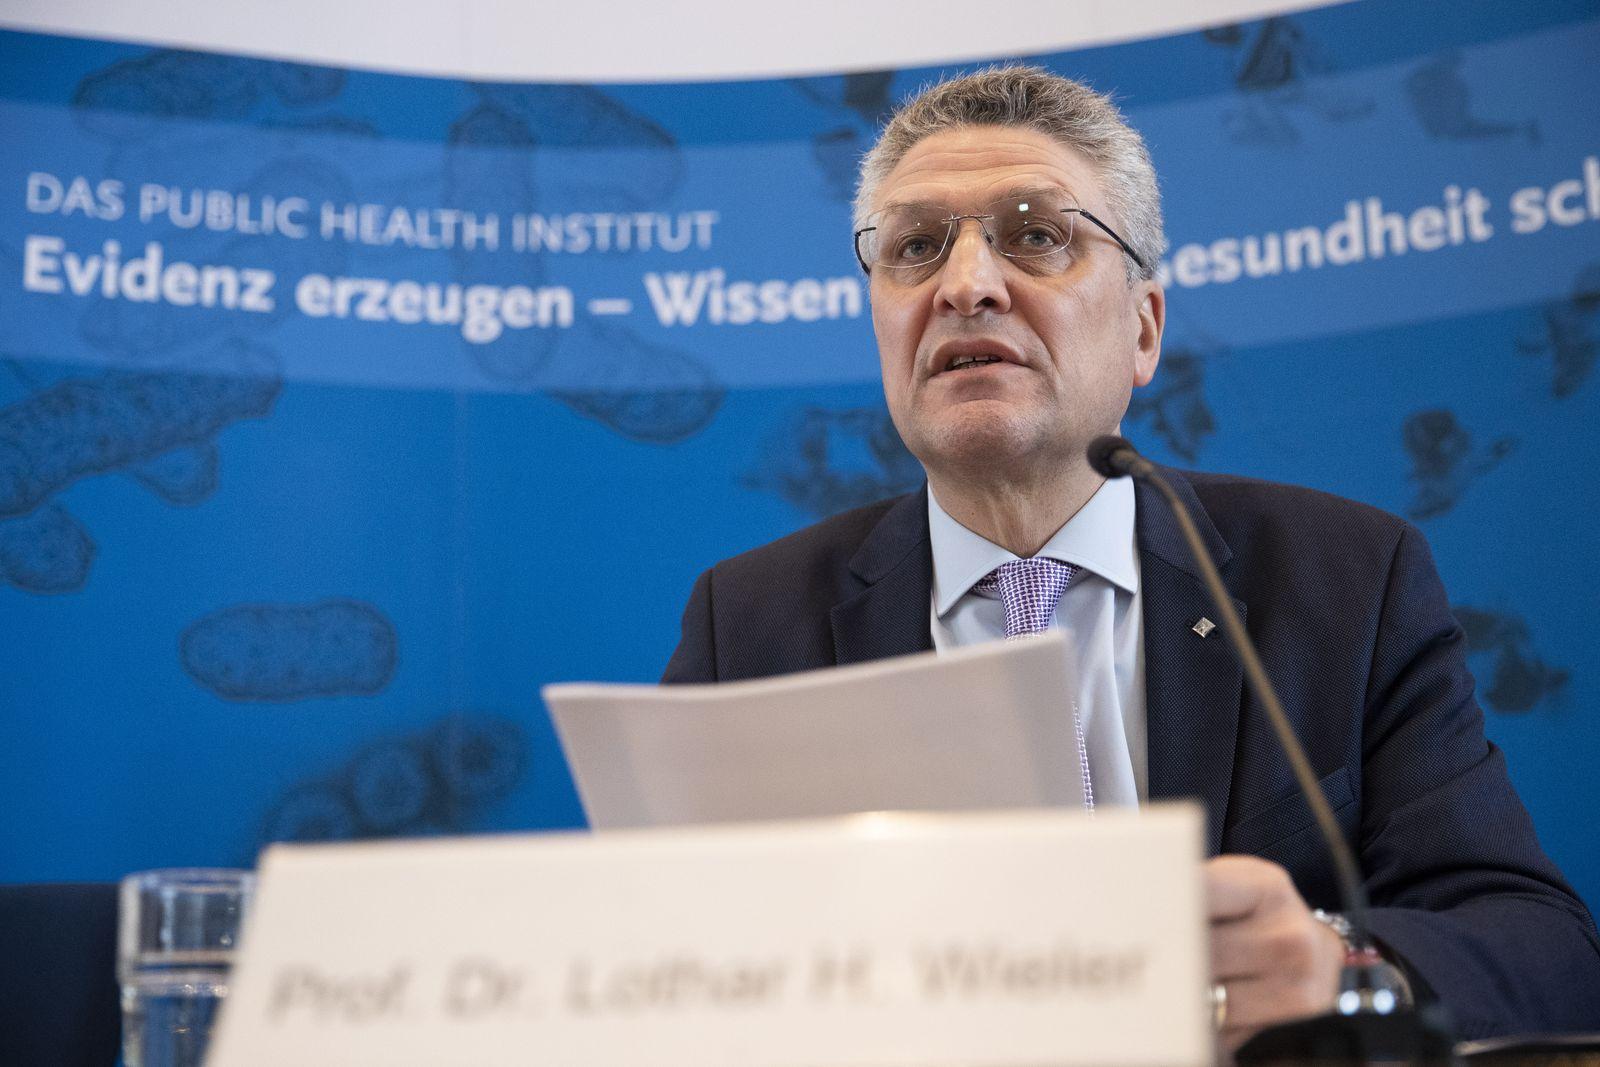 Robert Koch Institute Holds Daily Coronavirus Update Press Conference